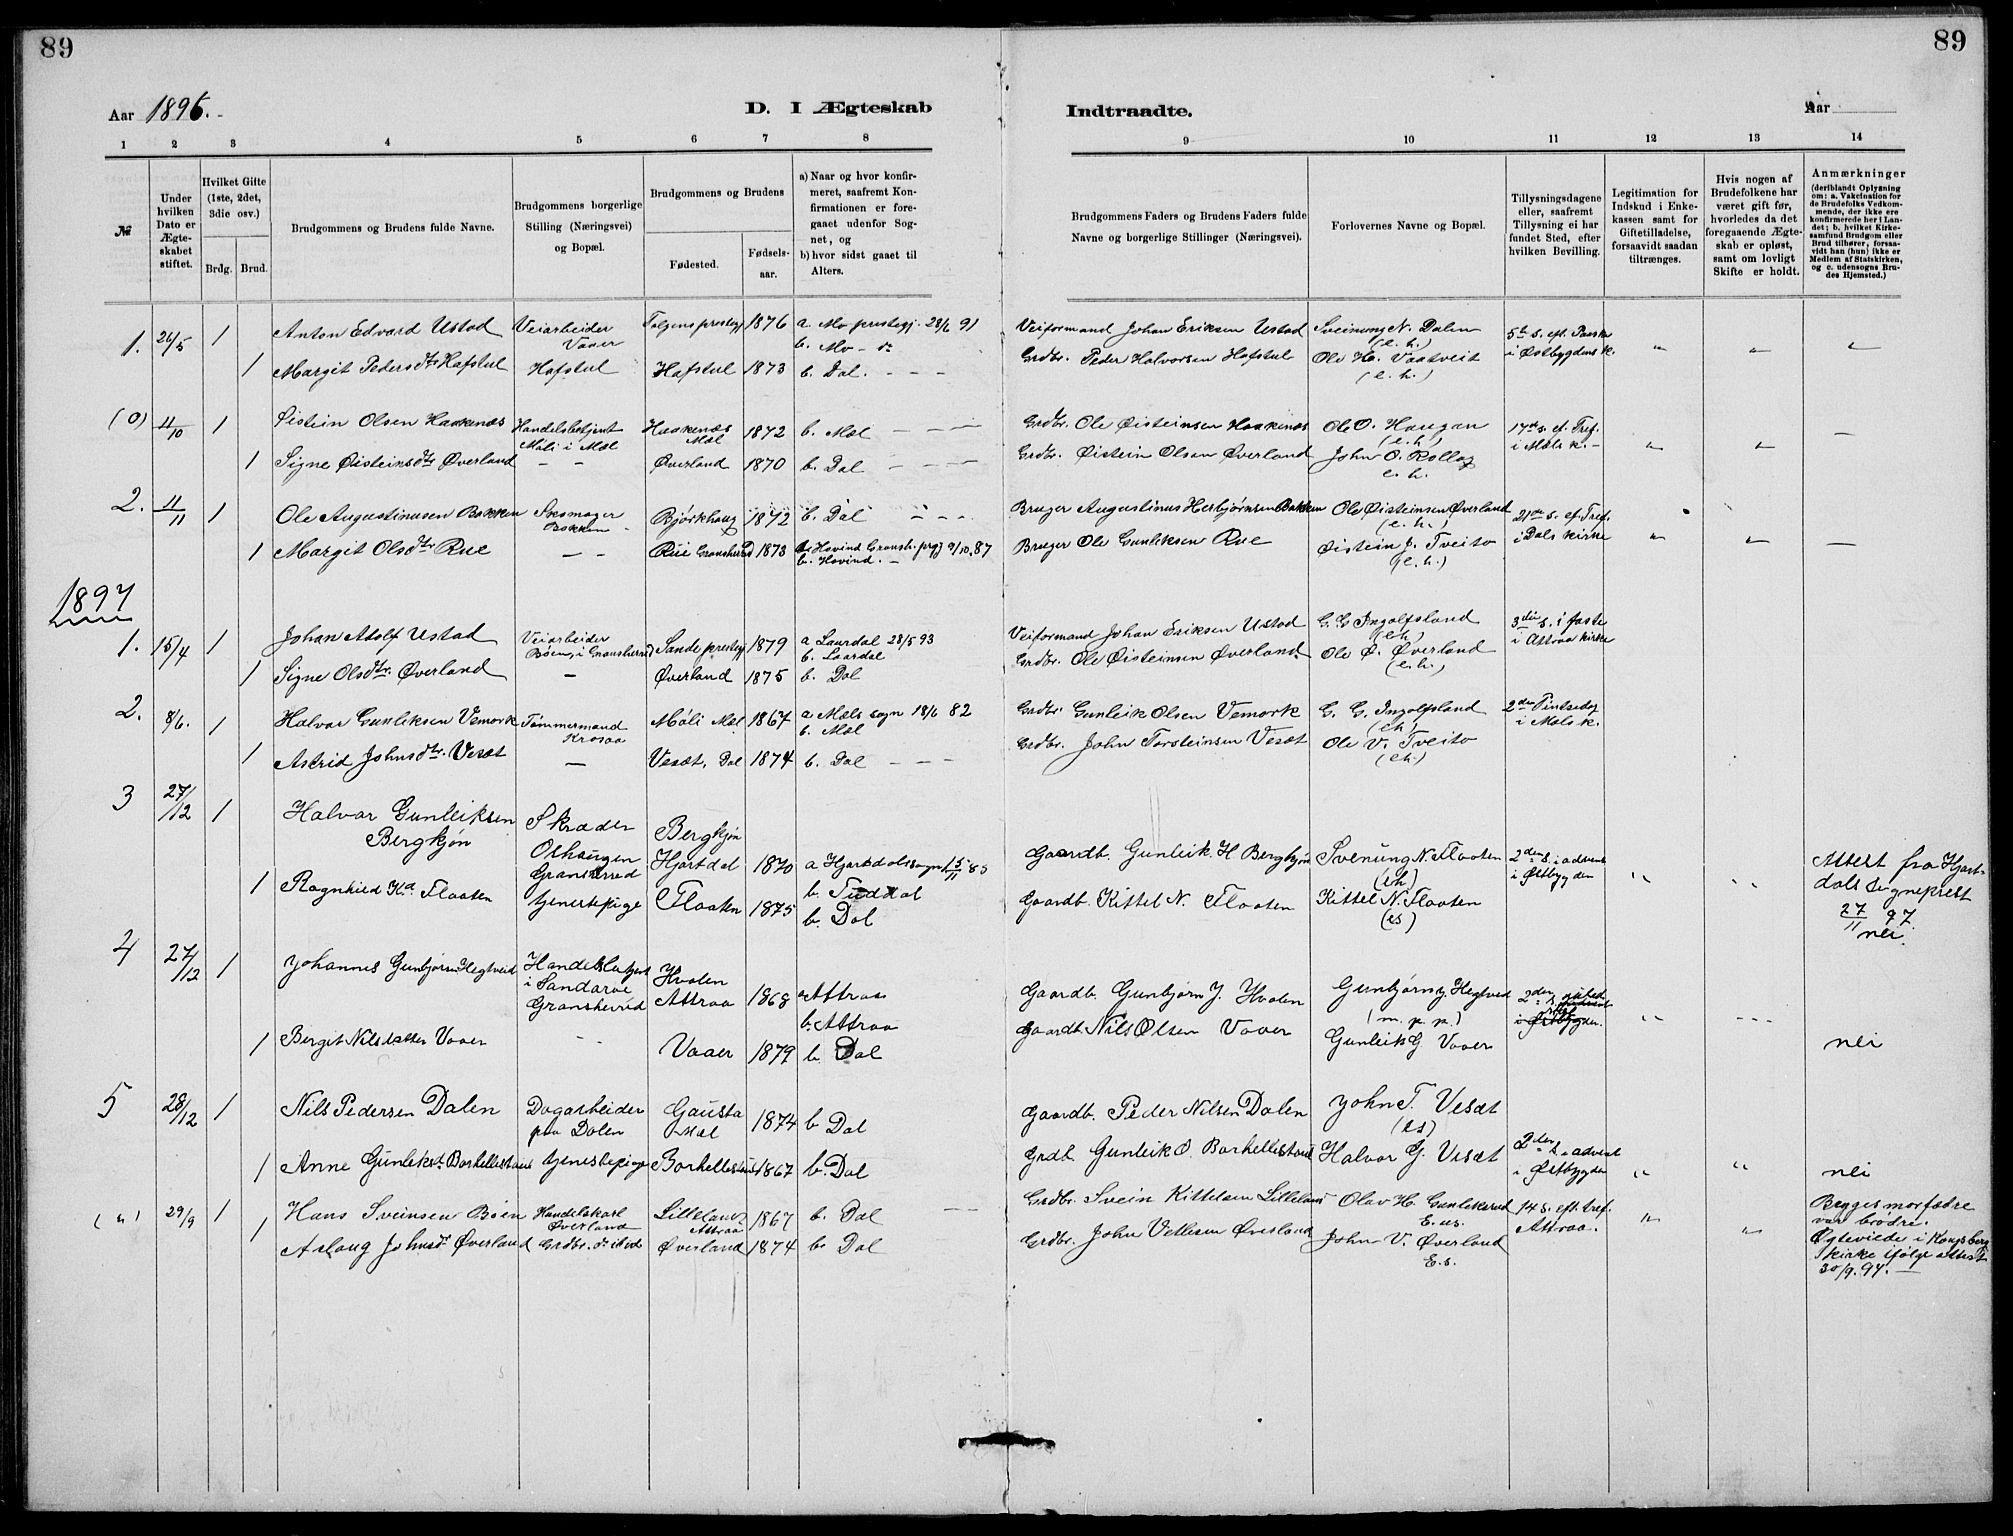 SAKO, Rjukan kirkebøker, G/Ga/L0001: Klokkerbok nr. 1, 1880-1914, s. 89